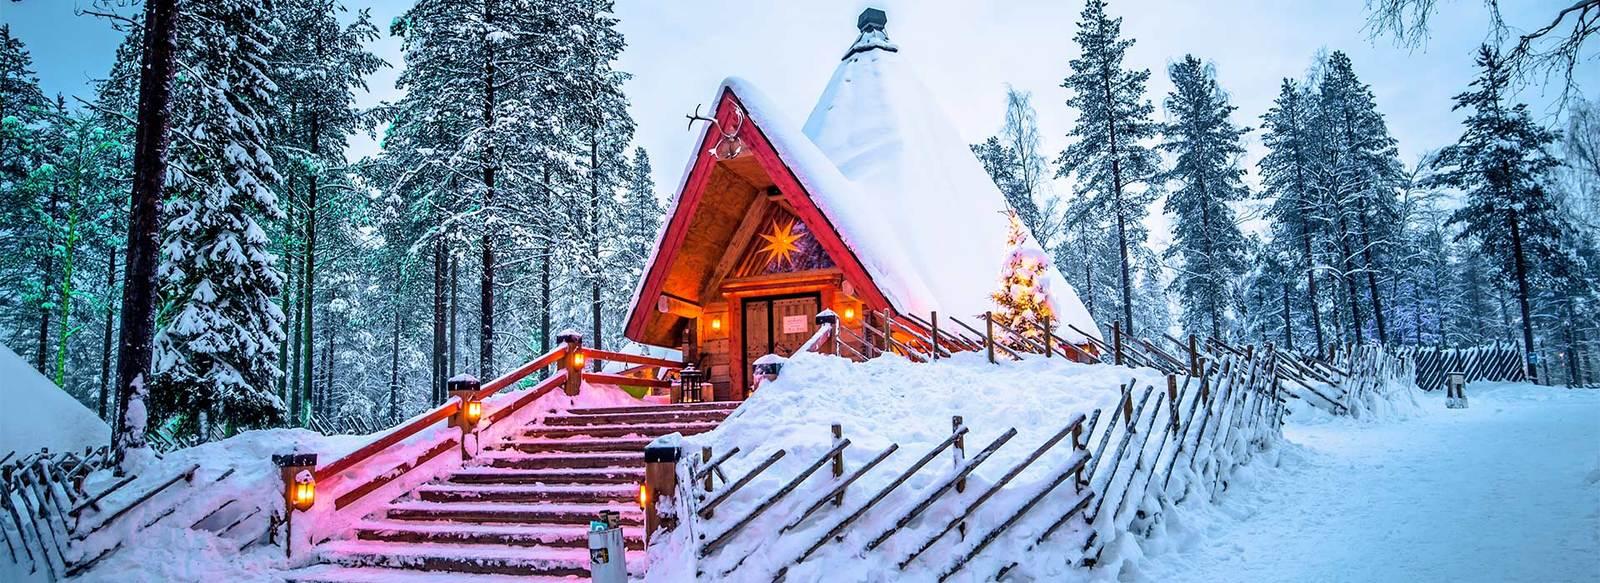 A Natale vieni a conoscere Santa Claus e ad ammirare l'Aurora Boreale